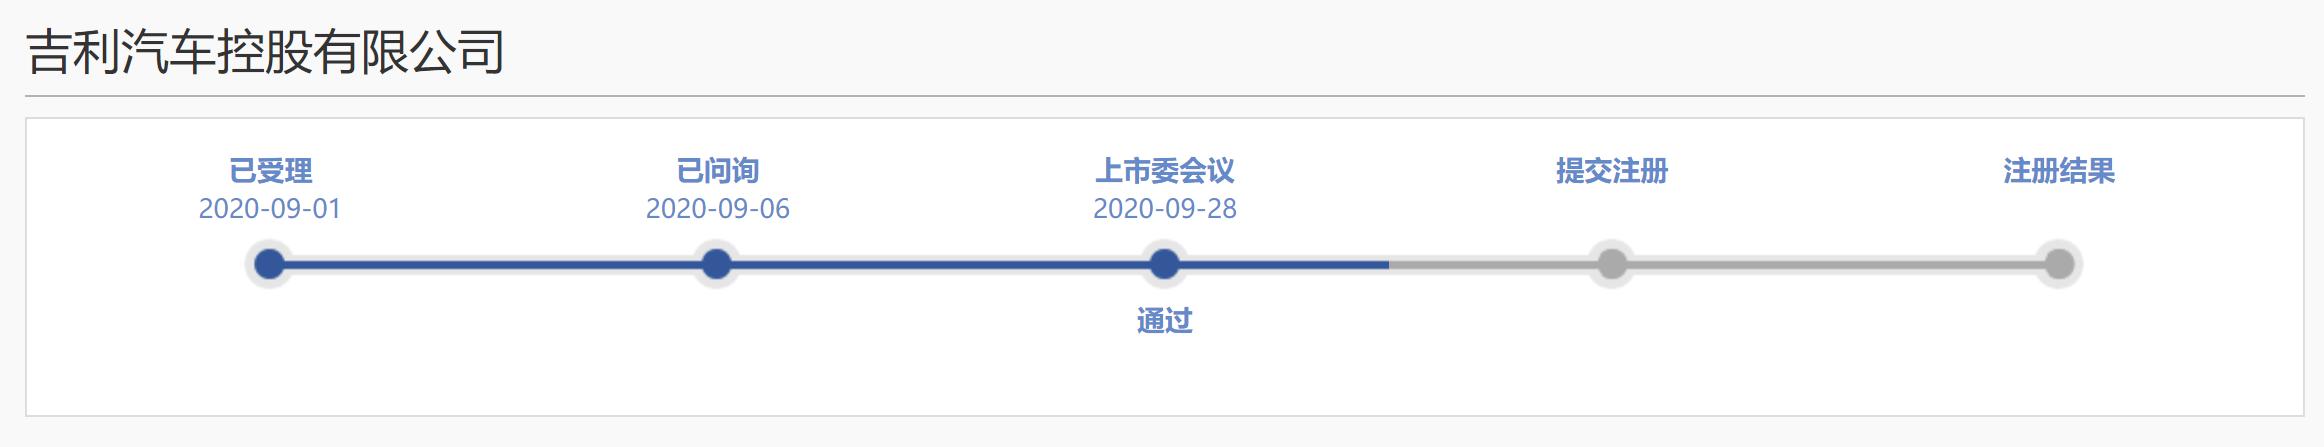 """《【超越平台网】吉利汽车首发过会 """"科创板整车第一股""""上市在即》"""